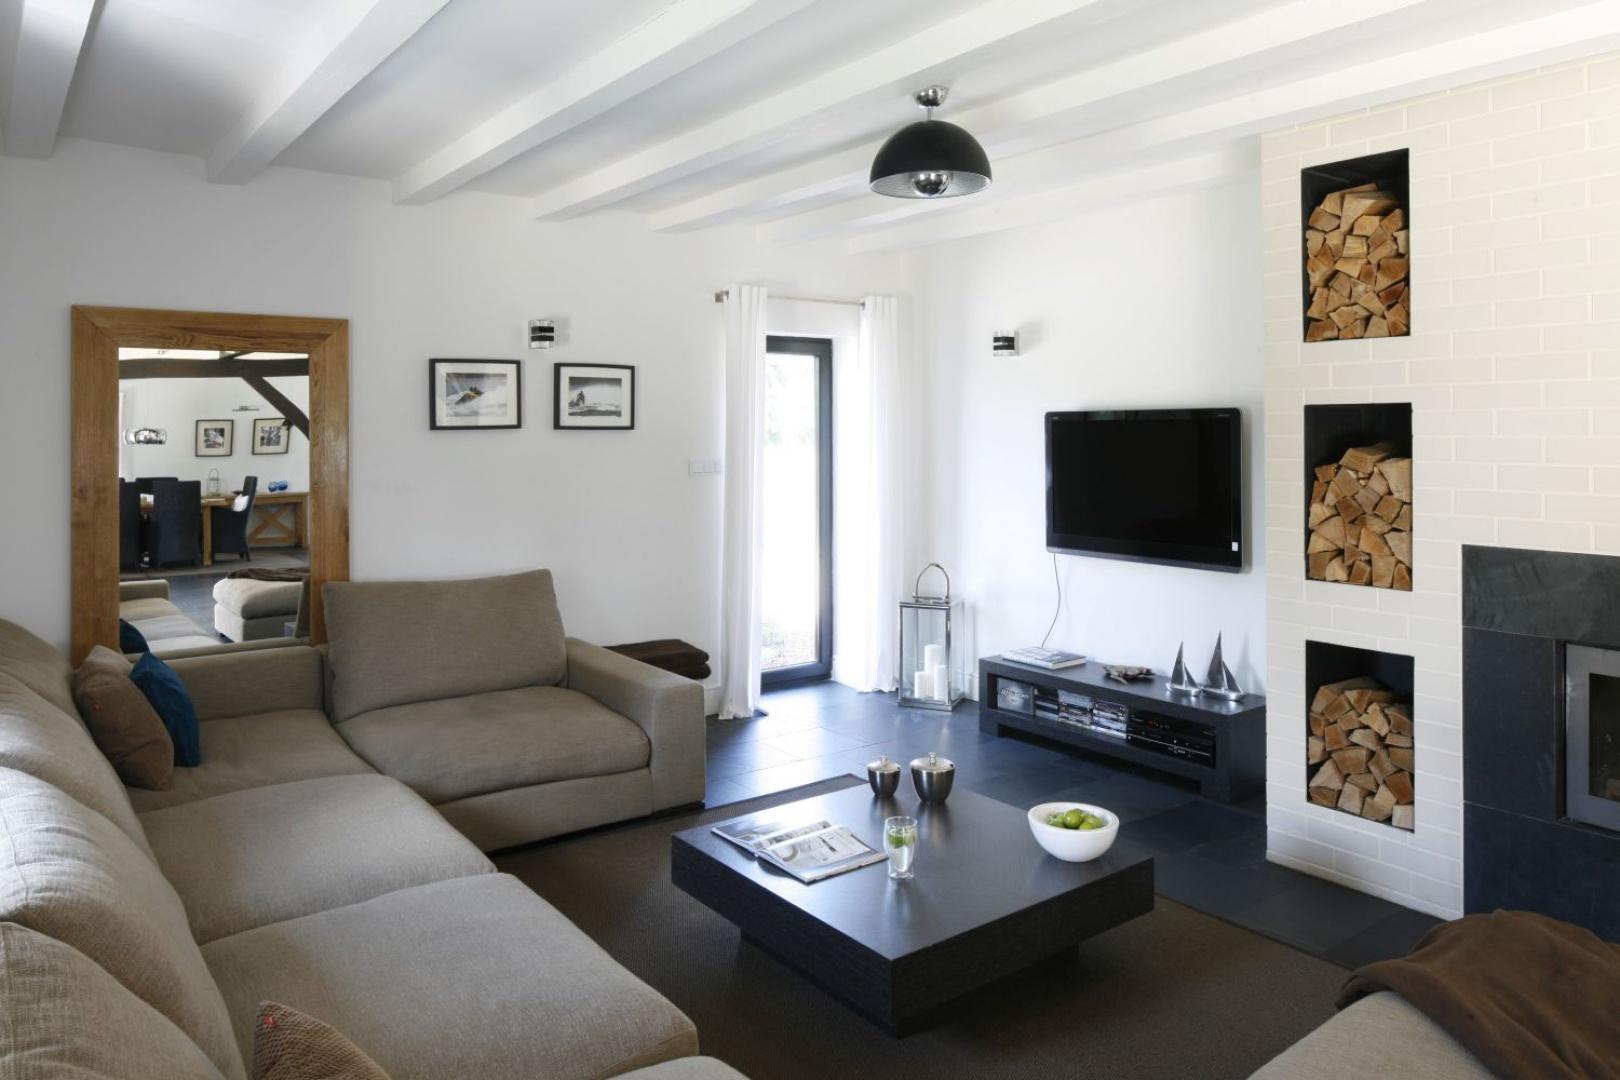 Duża kanapa to dobre rozwiązanie by móc wygodnie odpoczywać przy cieple kominka. Nadaje wnętrzu naturalnego charakteru oraz wyraźnego kontrastu wobec klasycznej bieli i czerni.